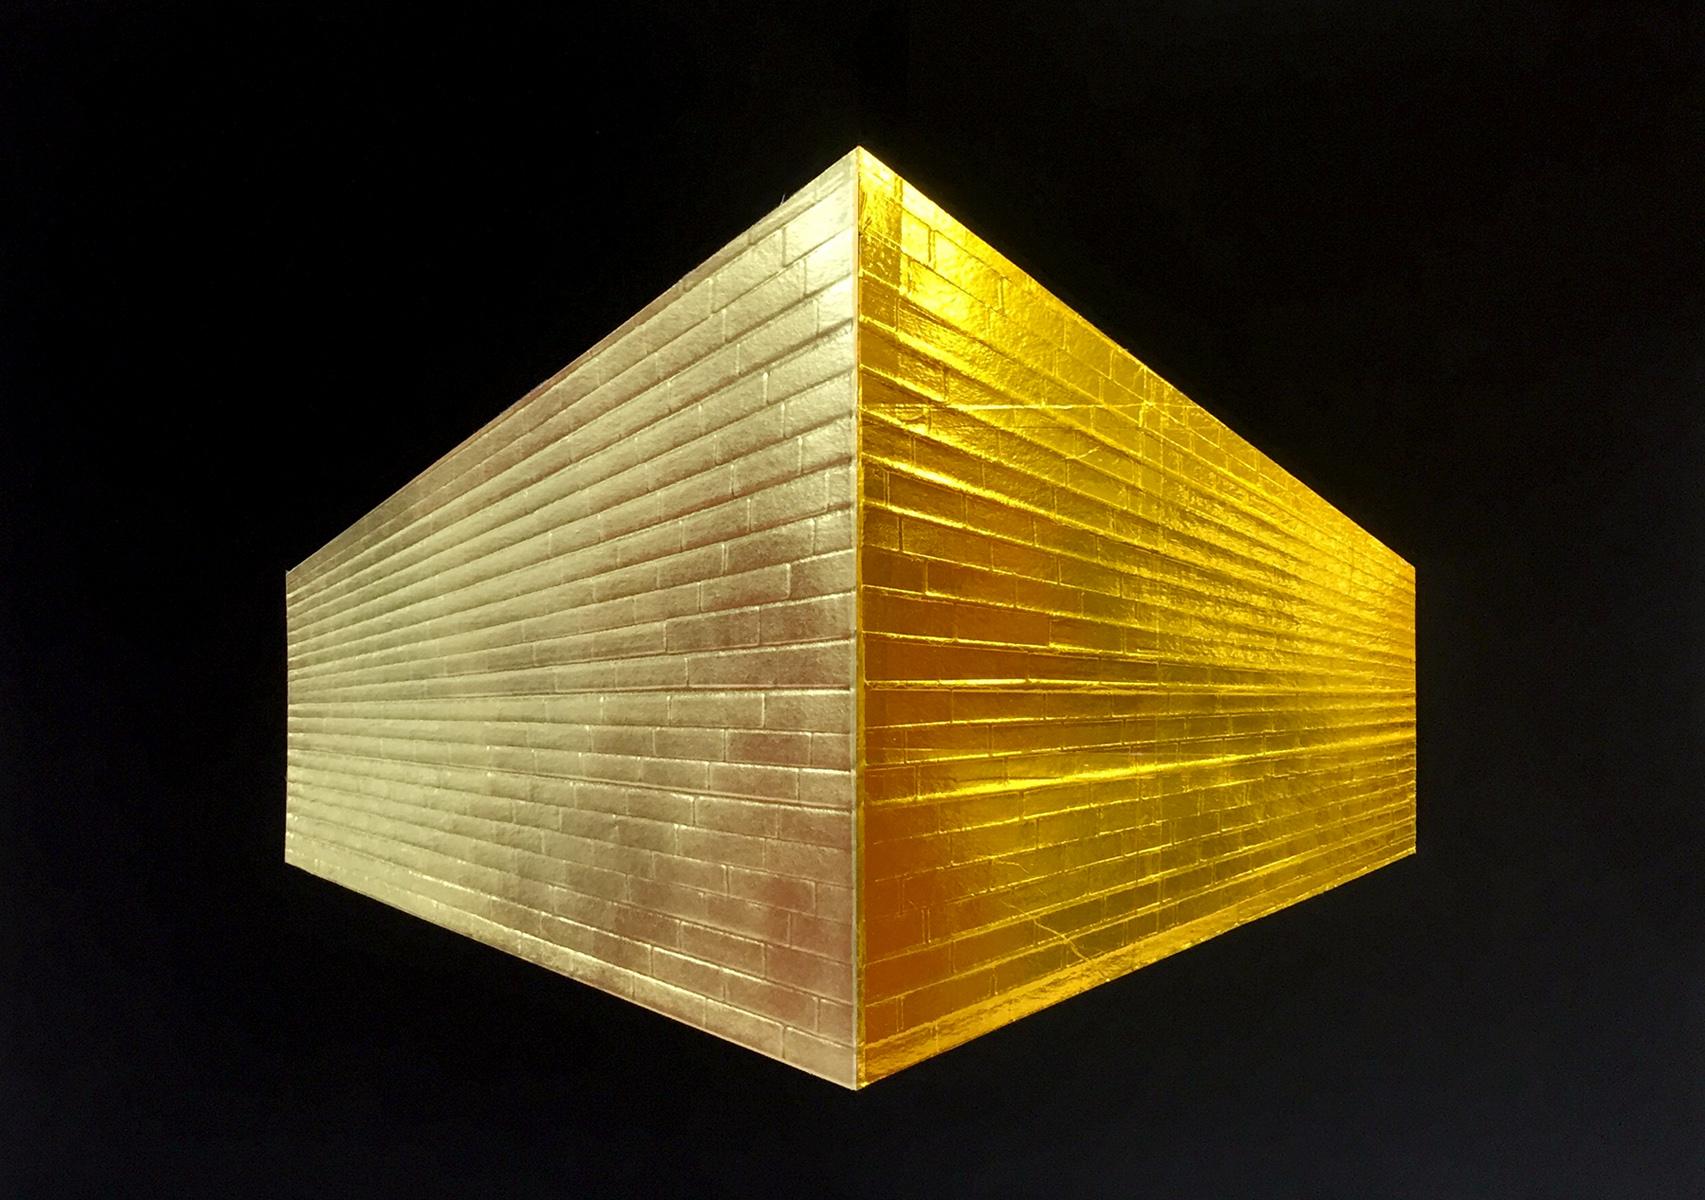 Brick Wall_Gold